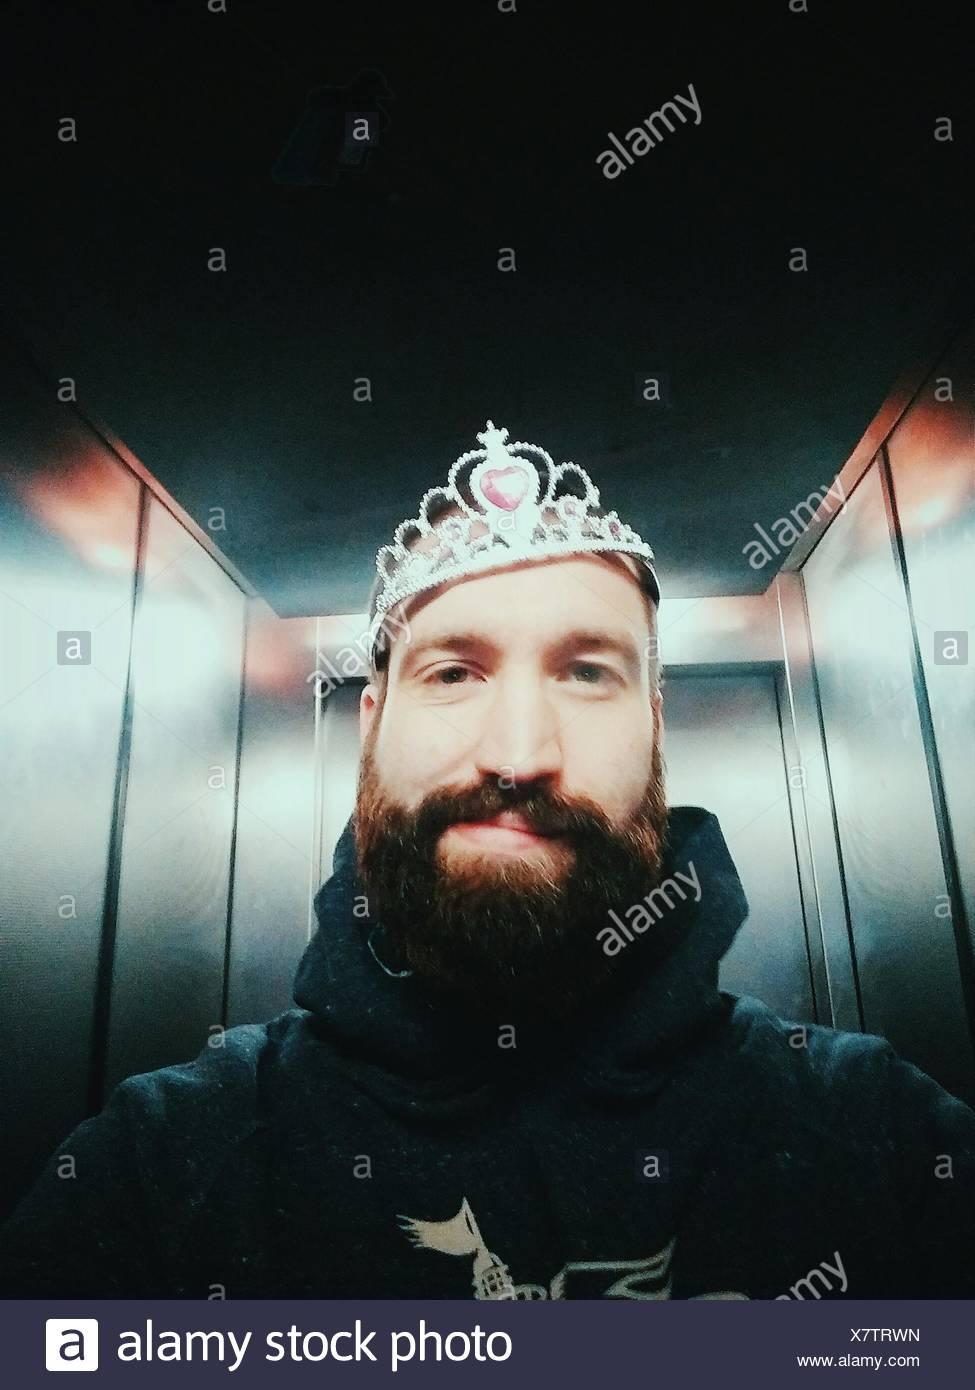 Portrait d'Homme portant couronne en ascenseur Photo Stock